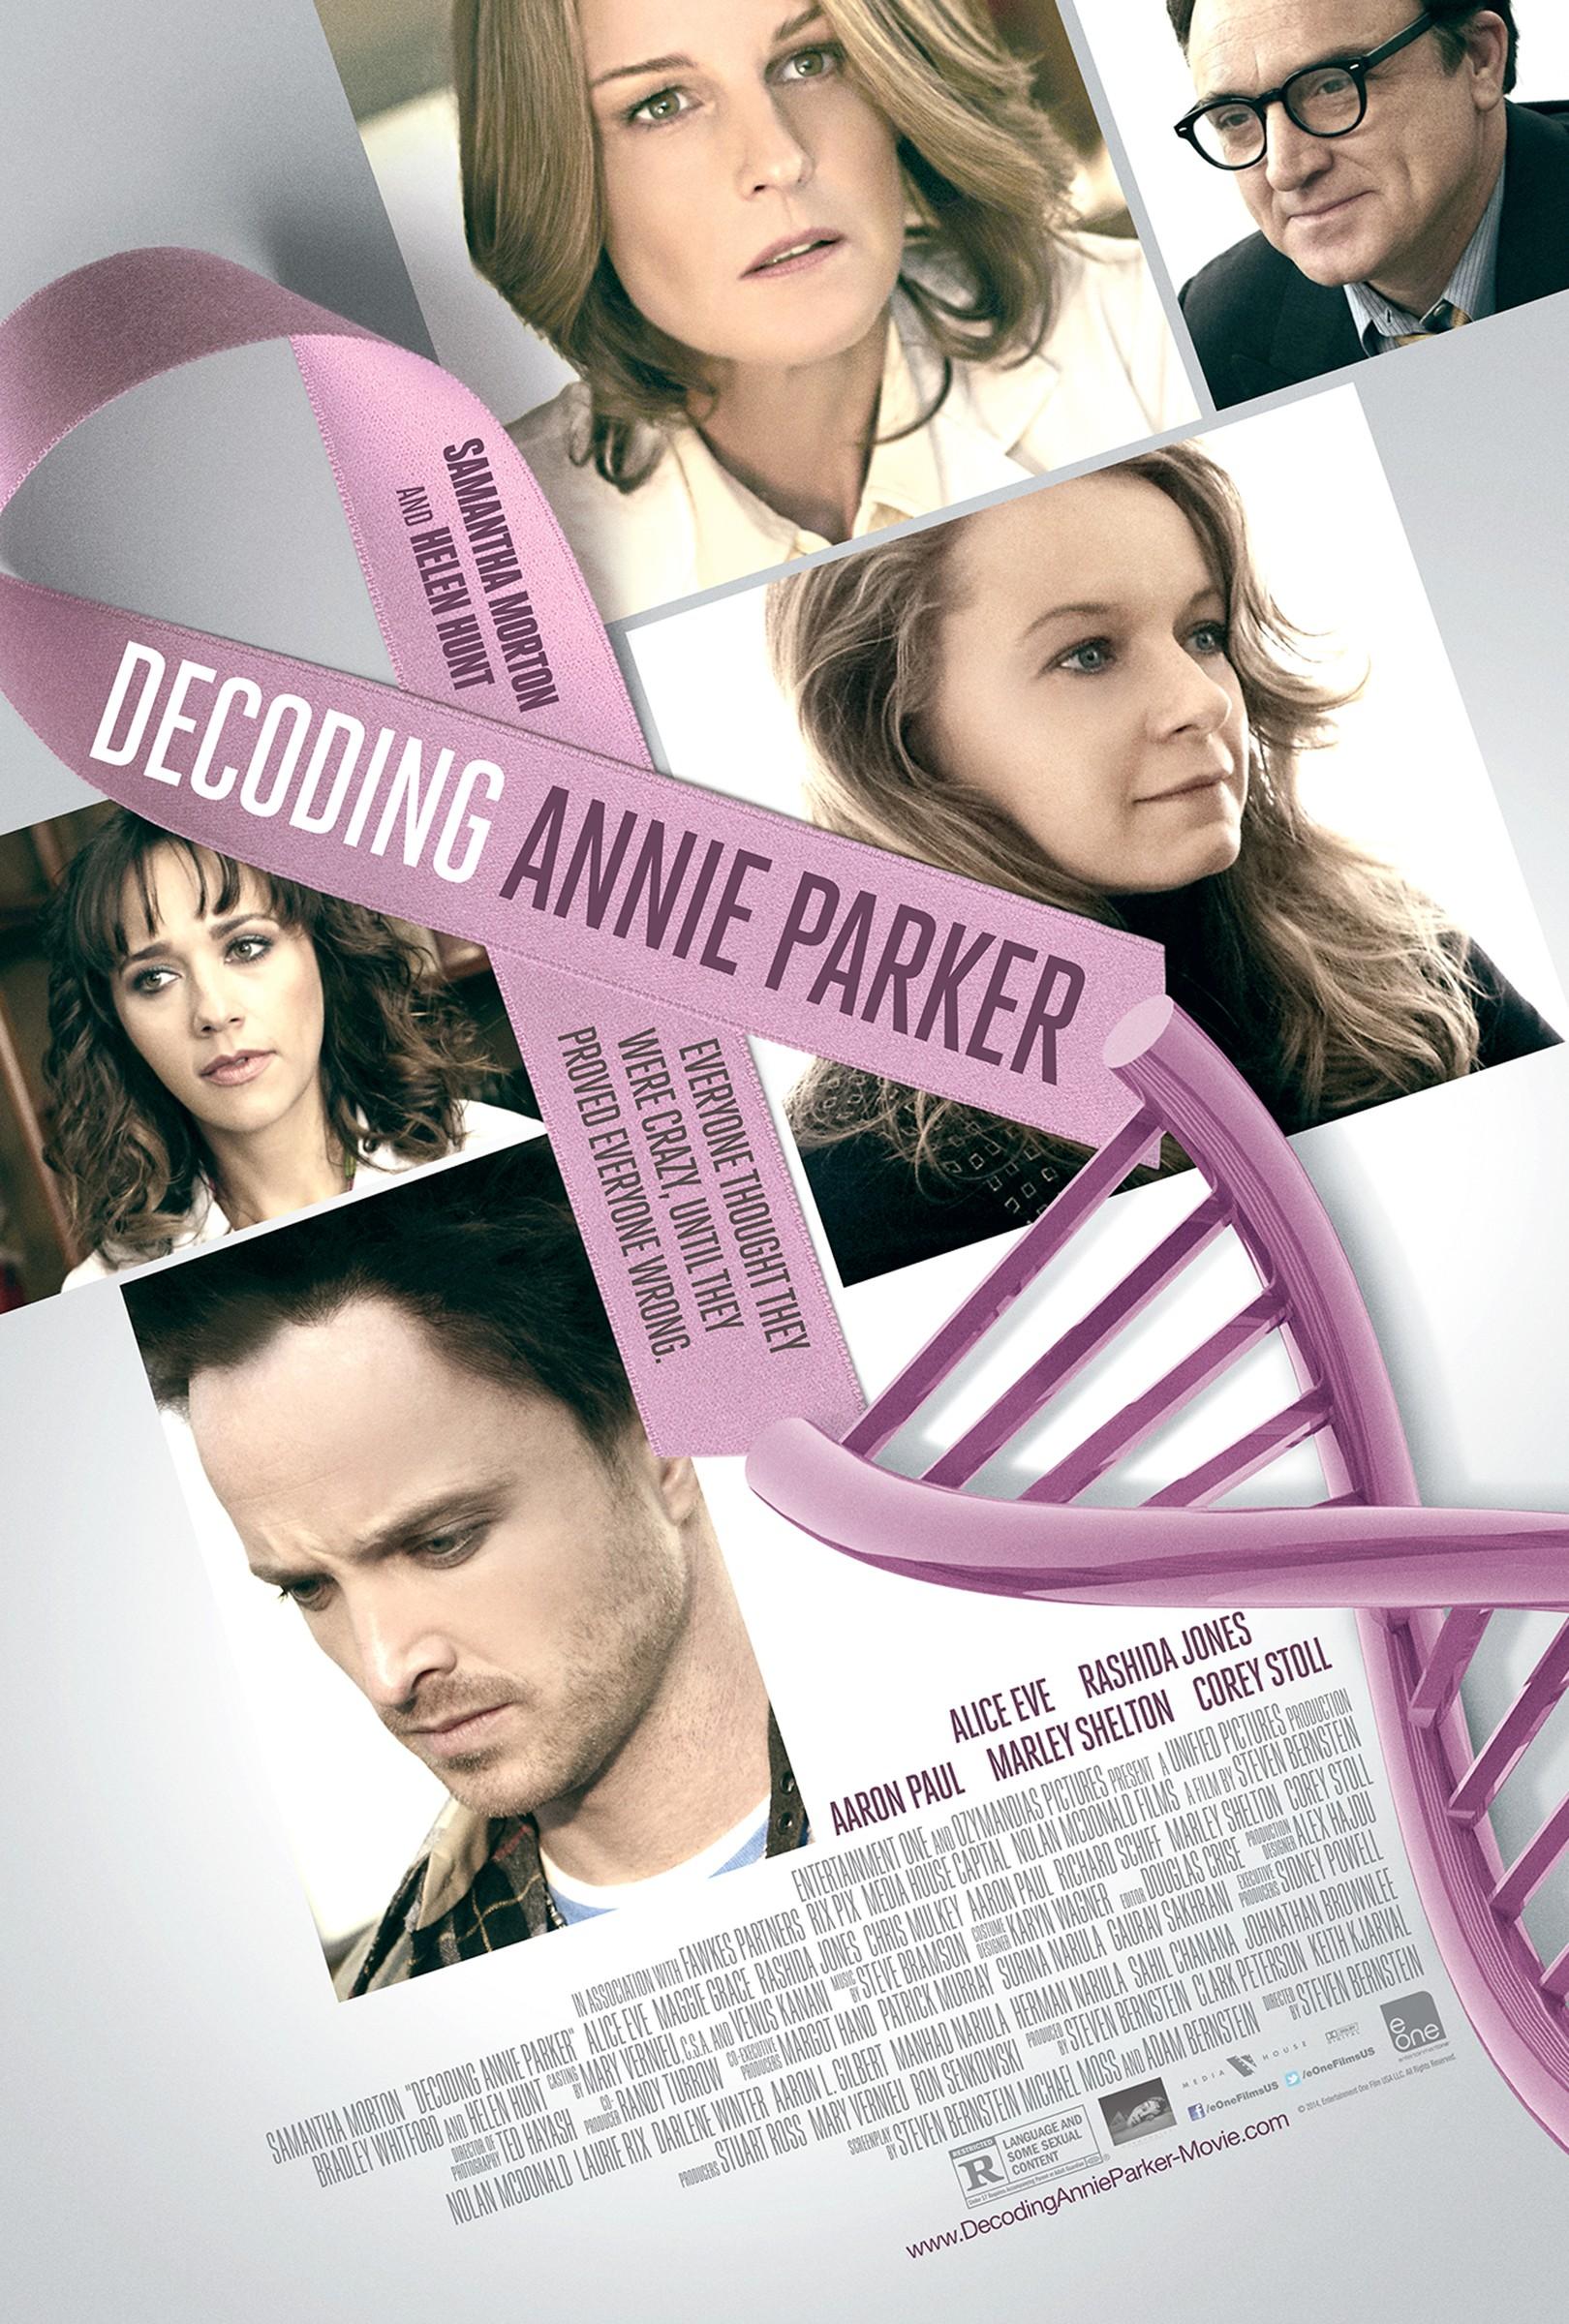 Decoding Annie Parker DVD Release Date   Redbox, Netflix ...